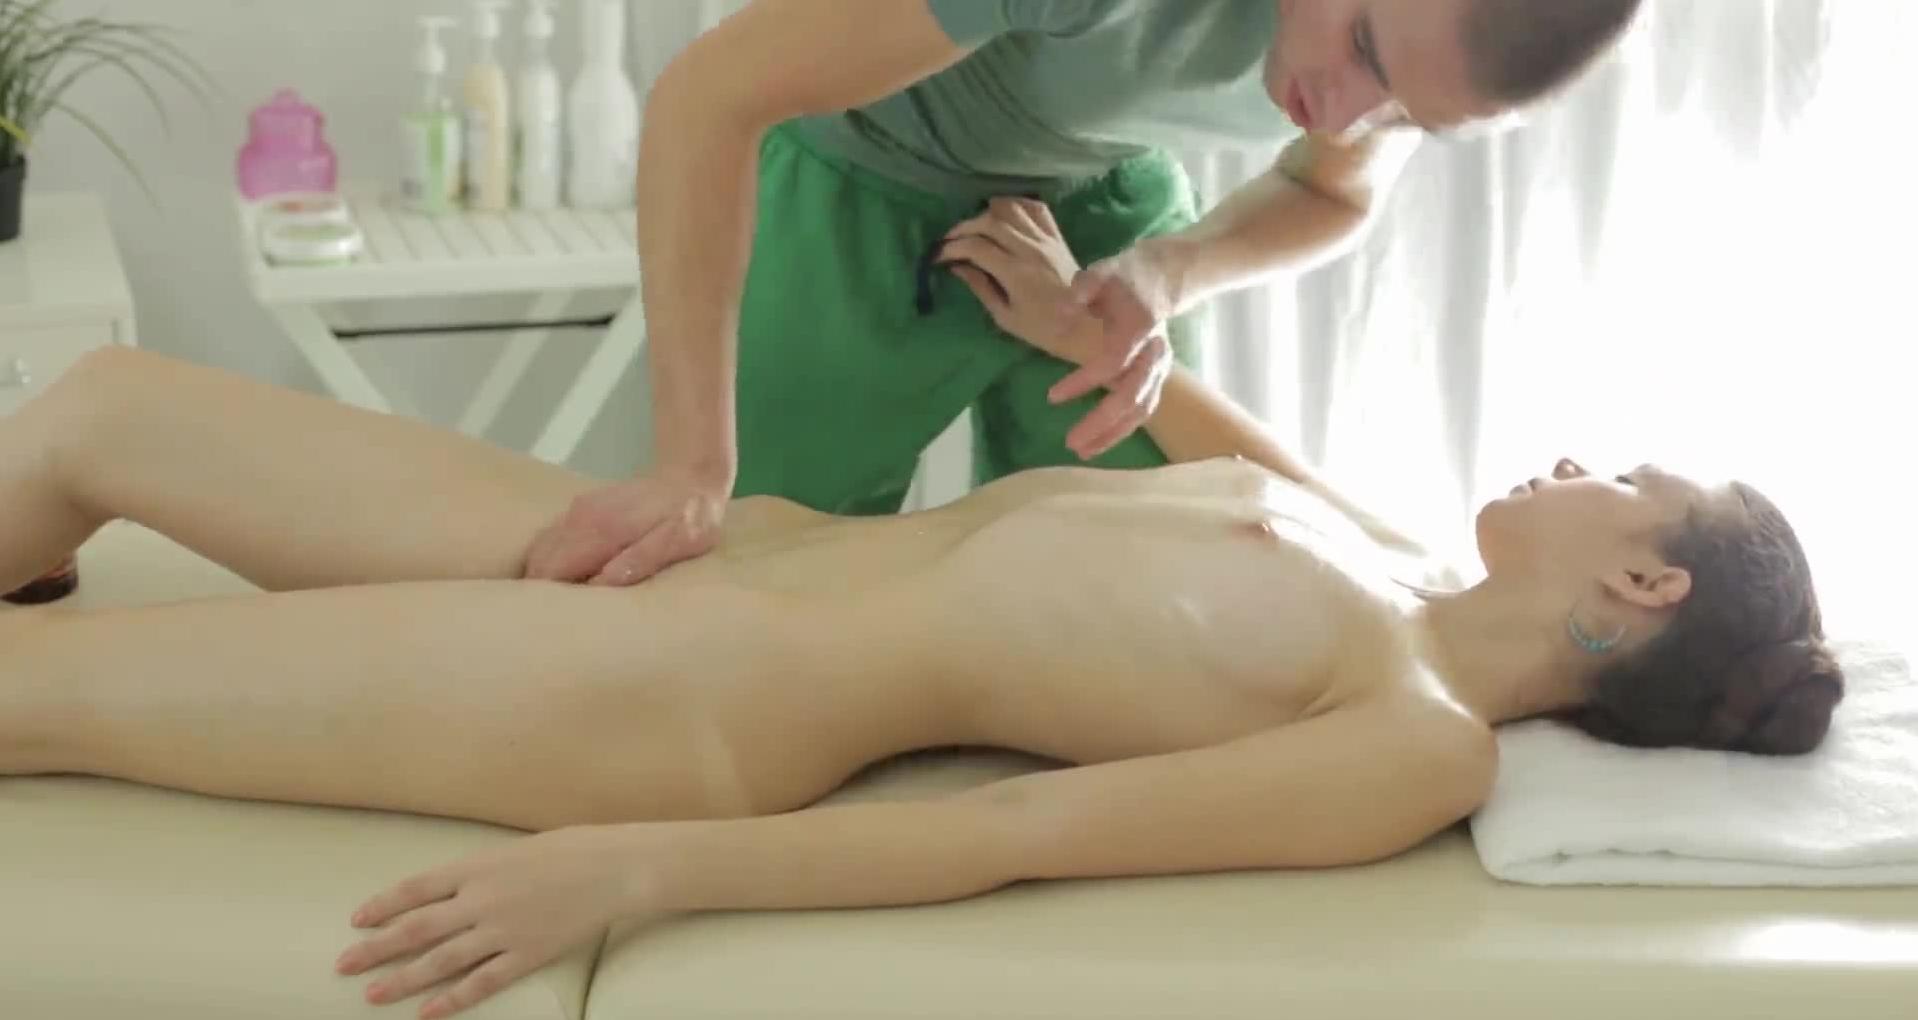 【エロ画像】全裸必須の本場マッサージ、これで欲情しないマッサージ師の精神鋼だろ。。。(画像22枚)・10枚目